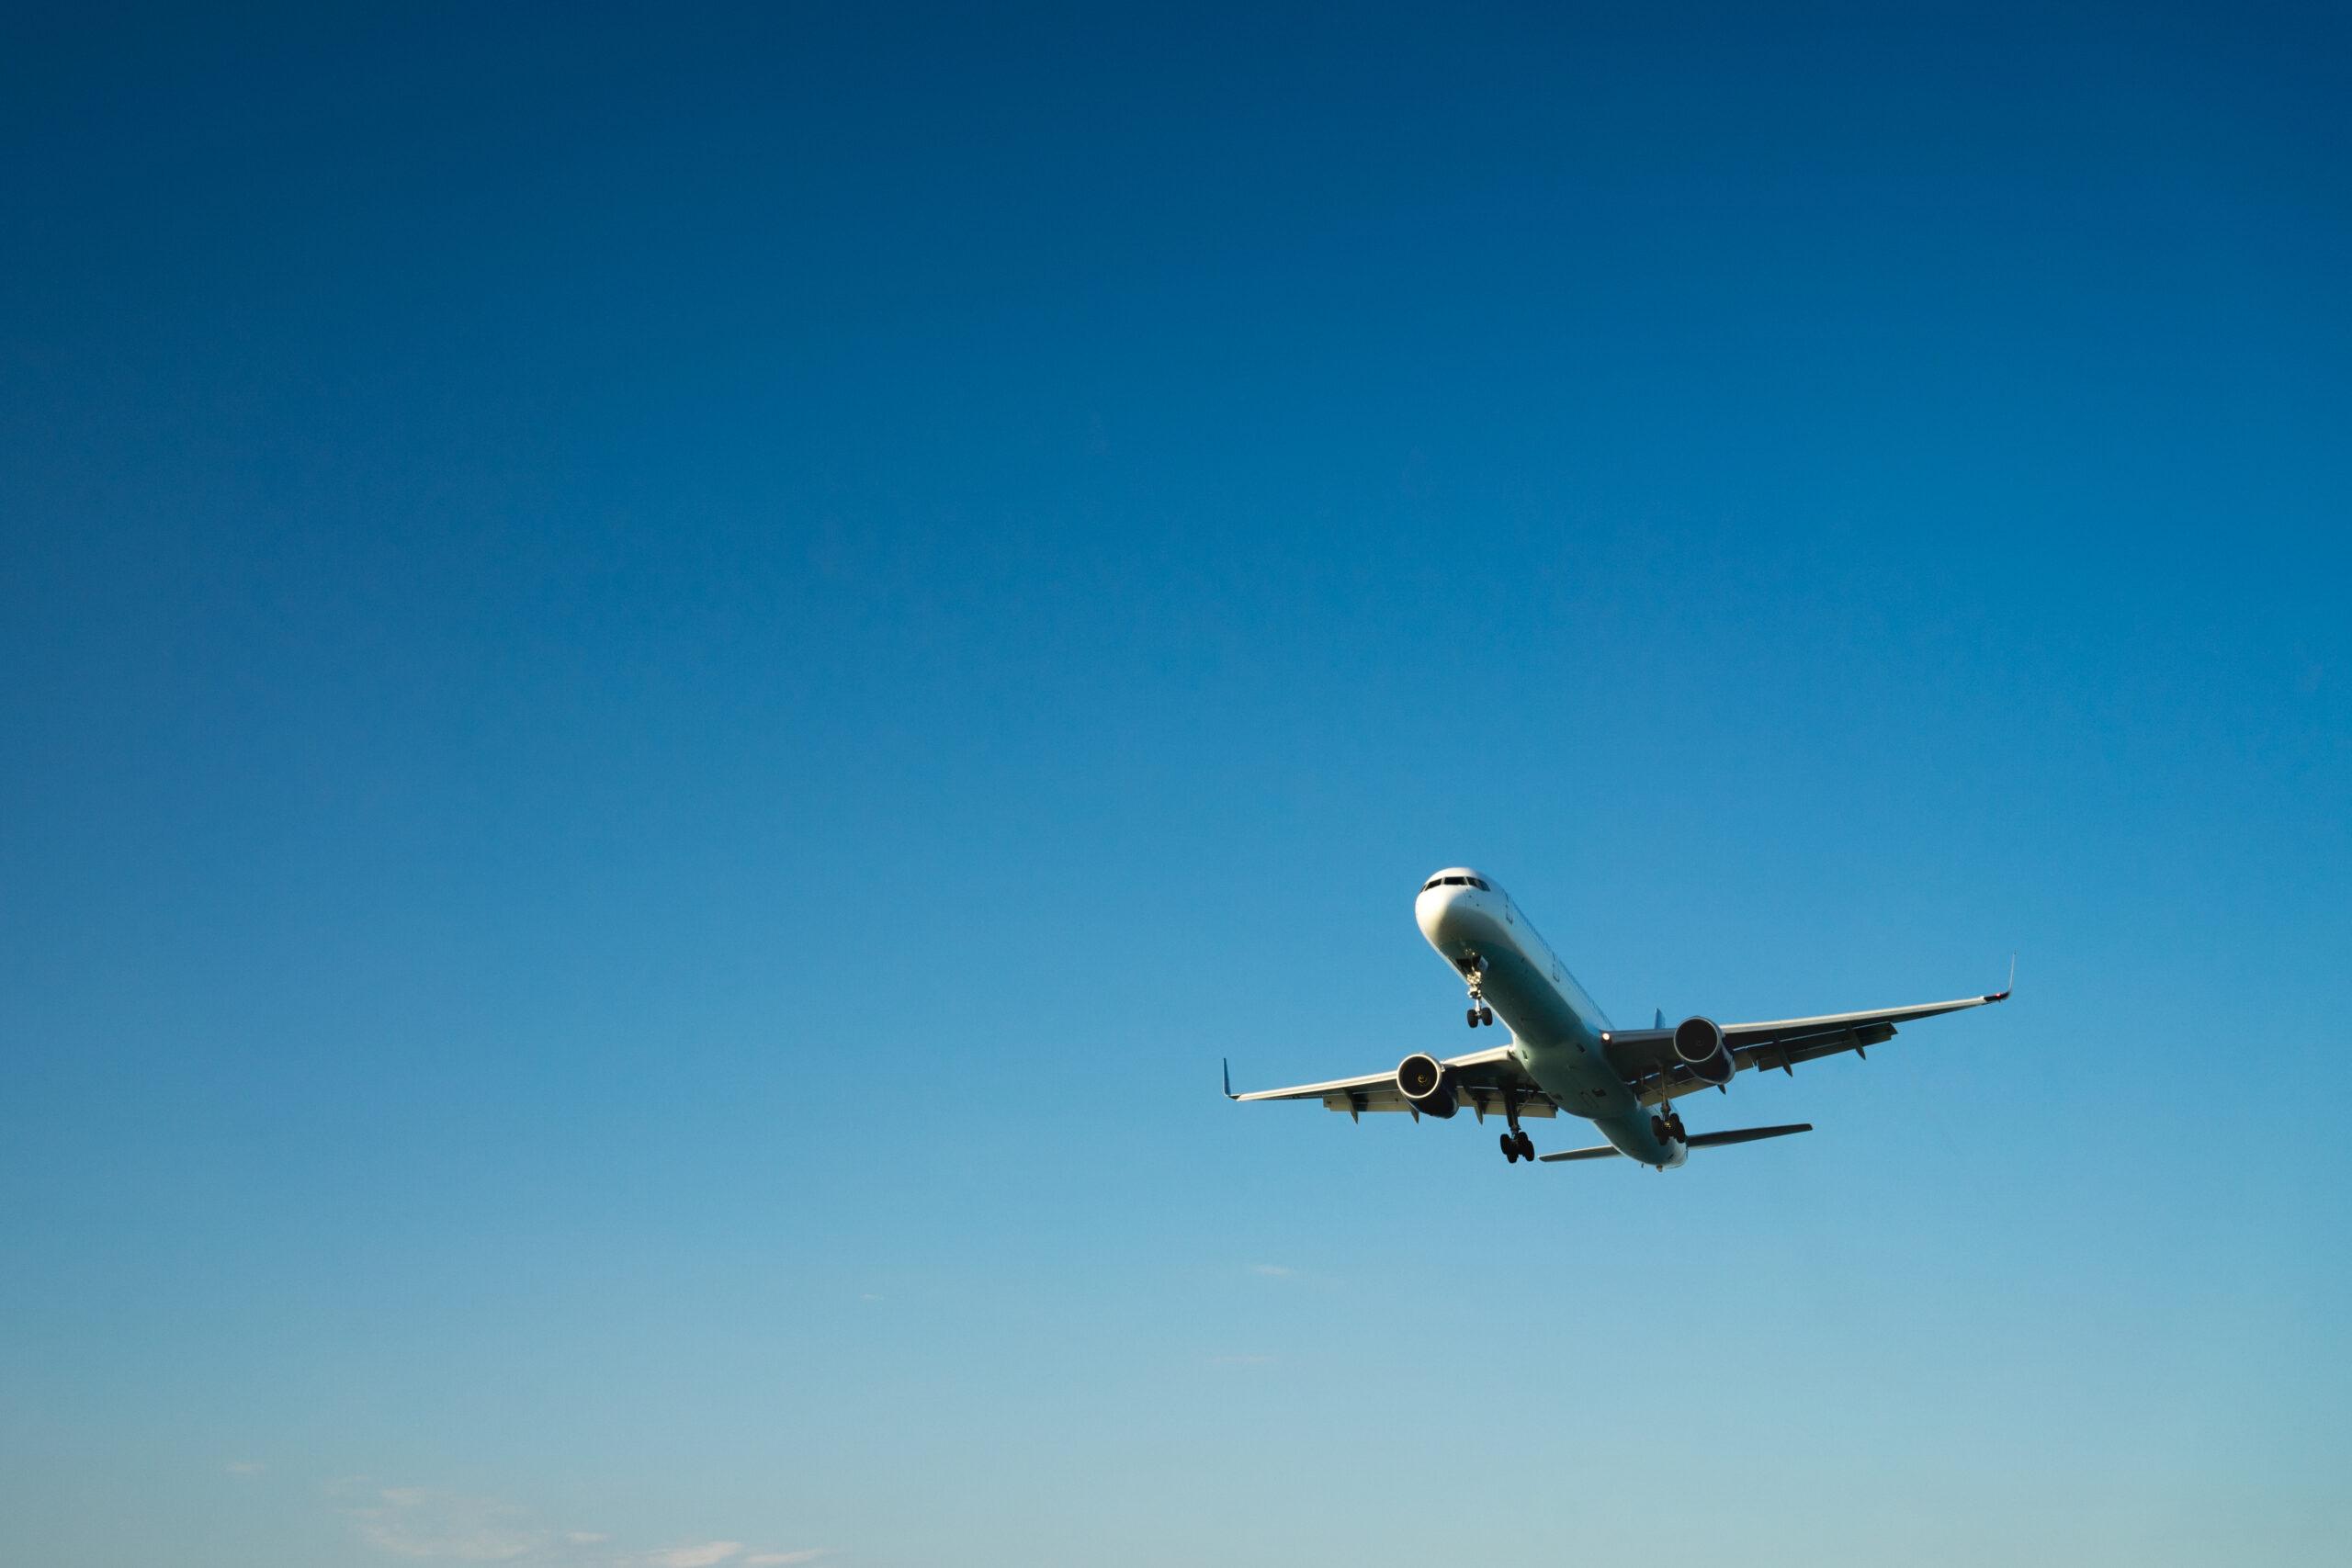 CCT aéreo: o que é preciso saber?